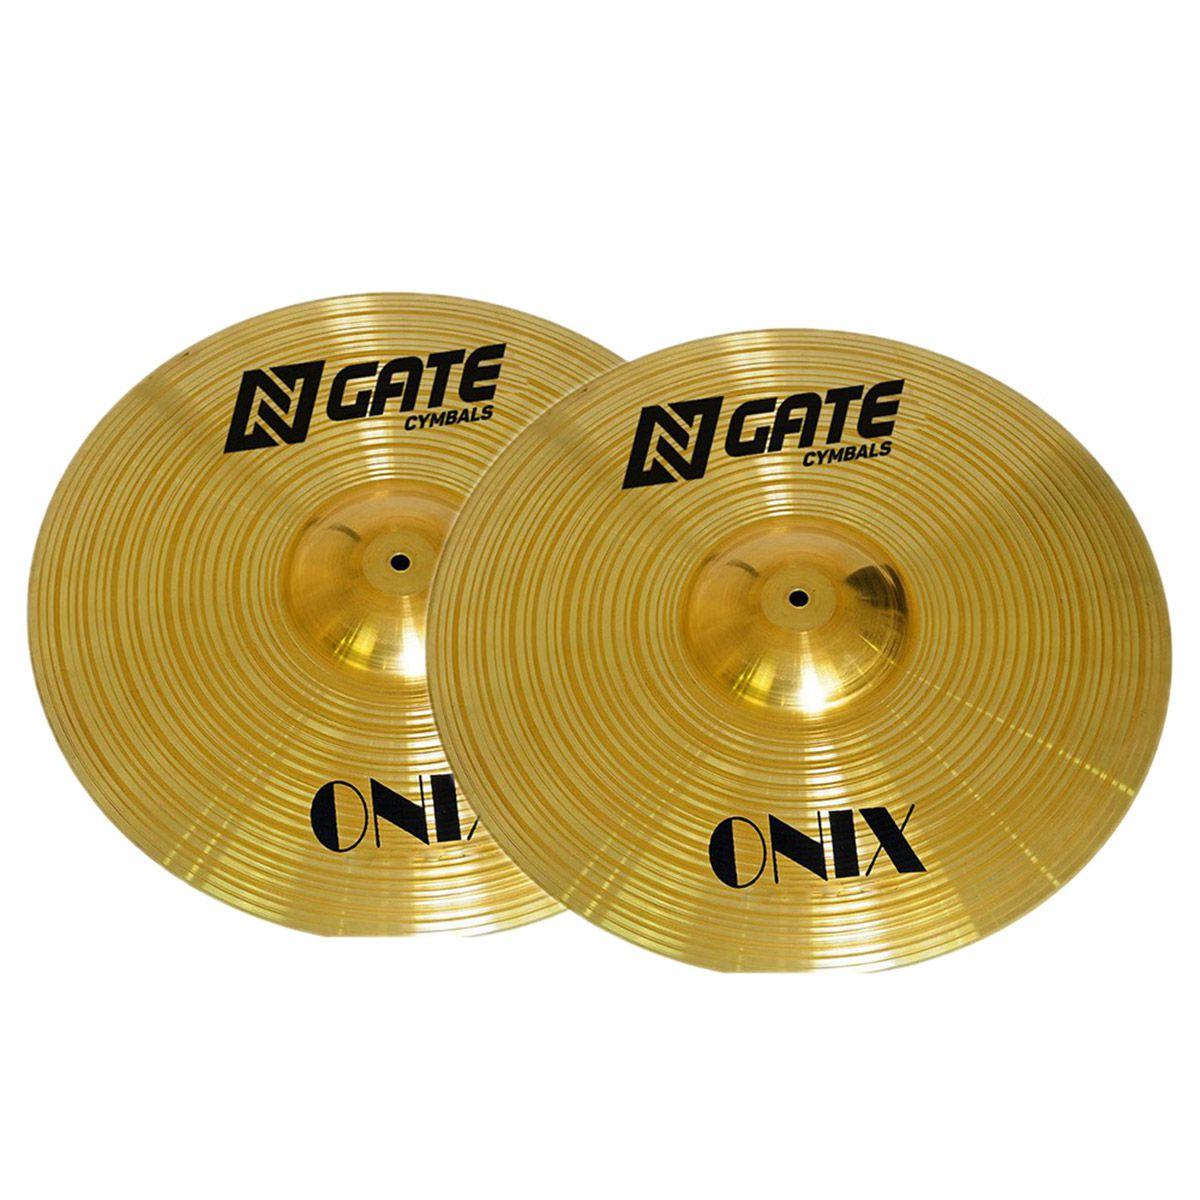 Prato Chimbal N.gate Onix Series 14 Hi-Hats para Bateria